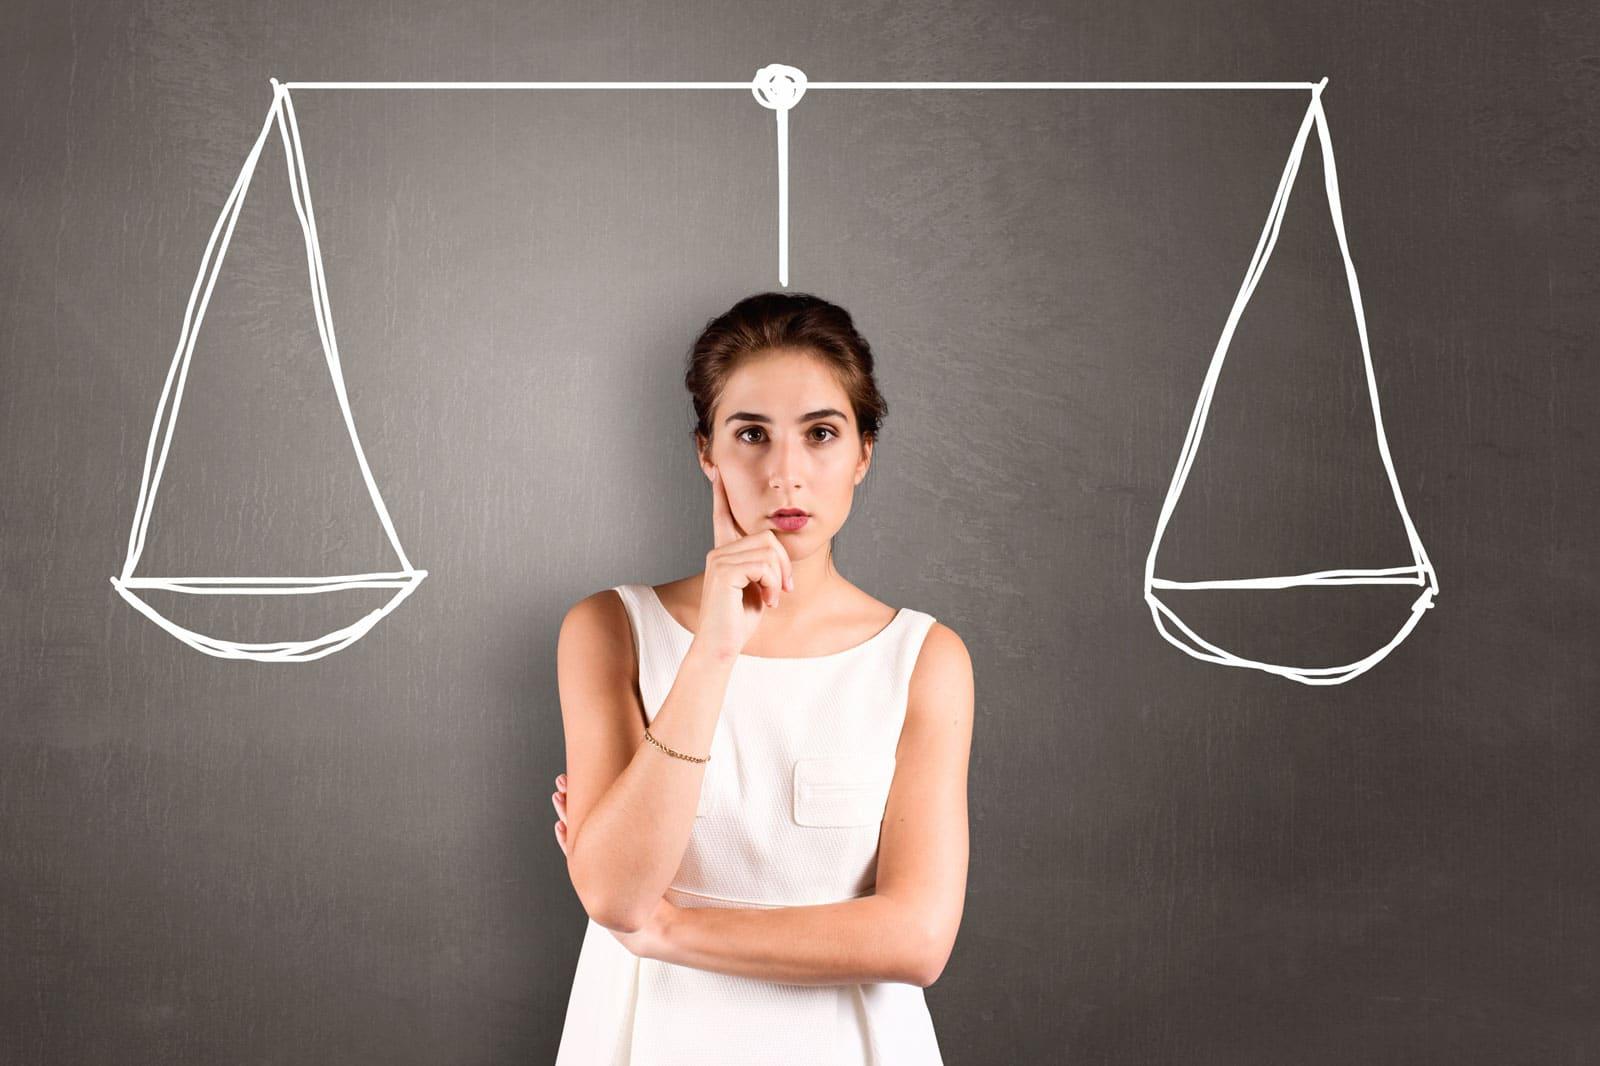 Emotionen kontrollieren wenn Kunden provozieren